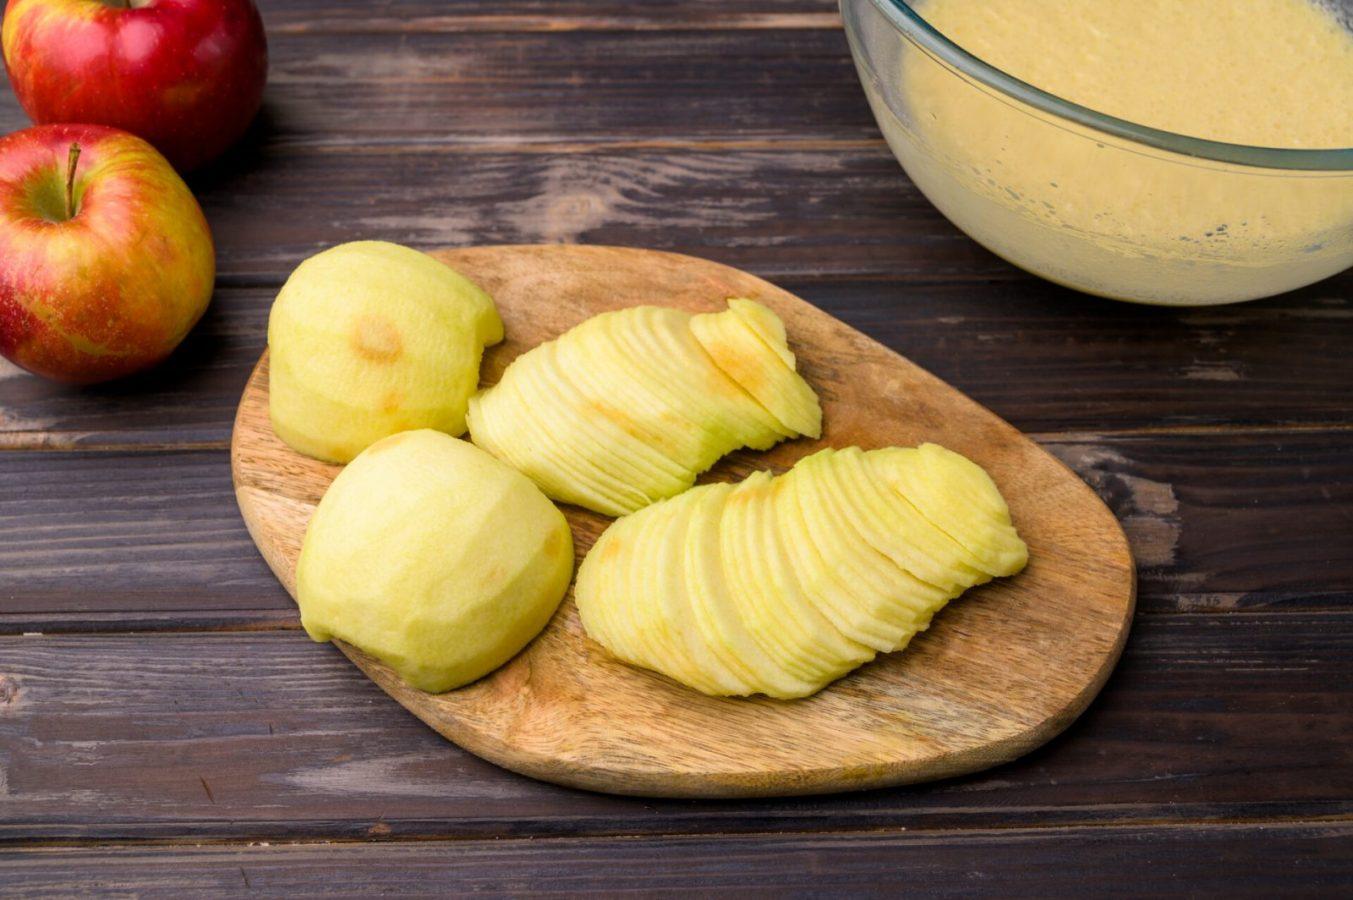 Яблоки можно нарезать с помощью ножа или специальной терки. Должны получиться тоненькие слайсы